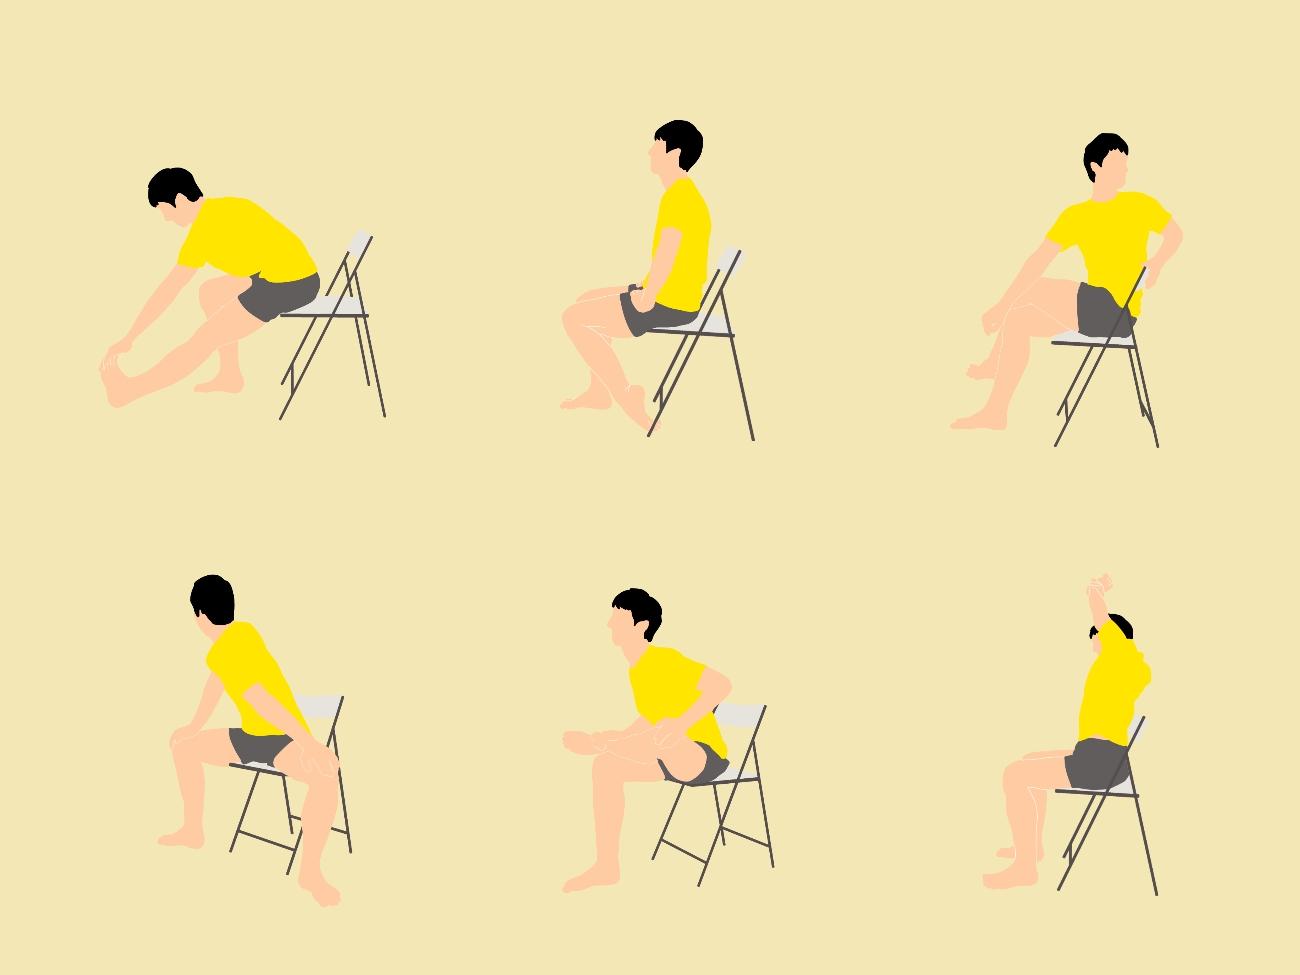 椅子に座りながらストレッチプログラム